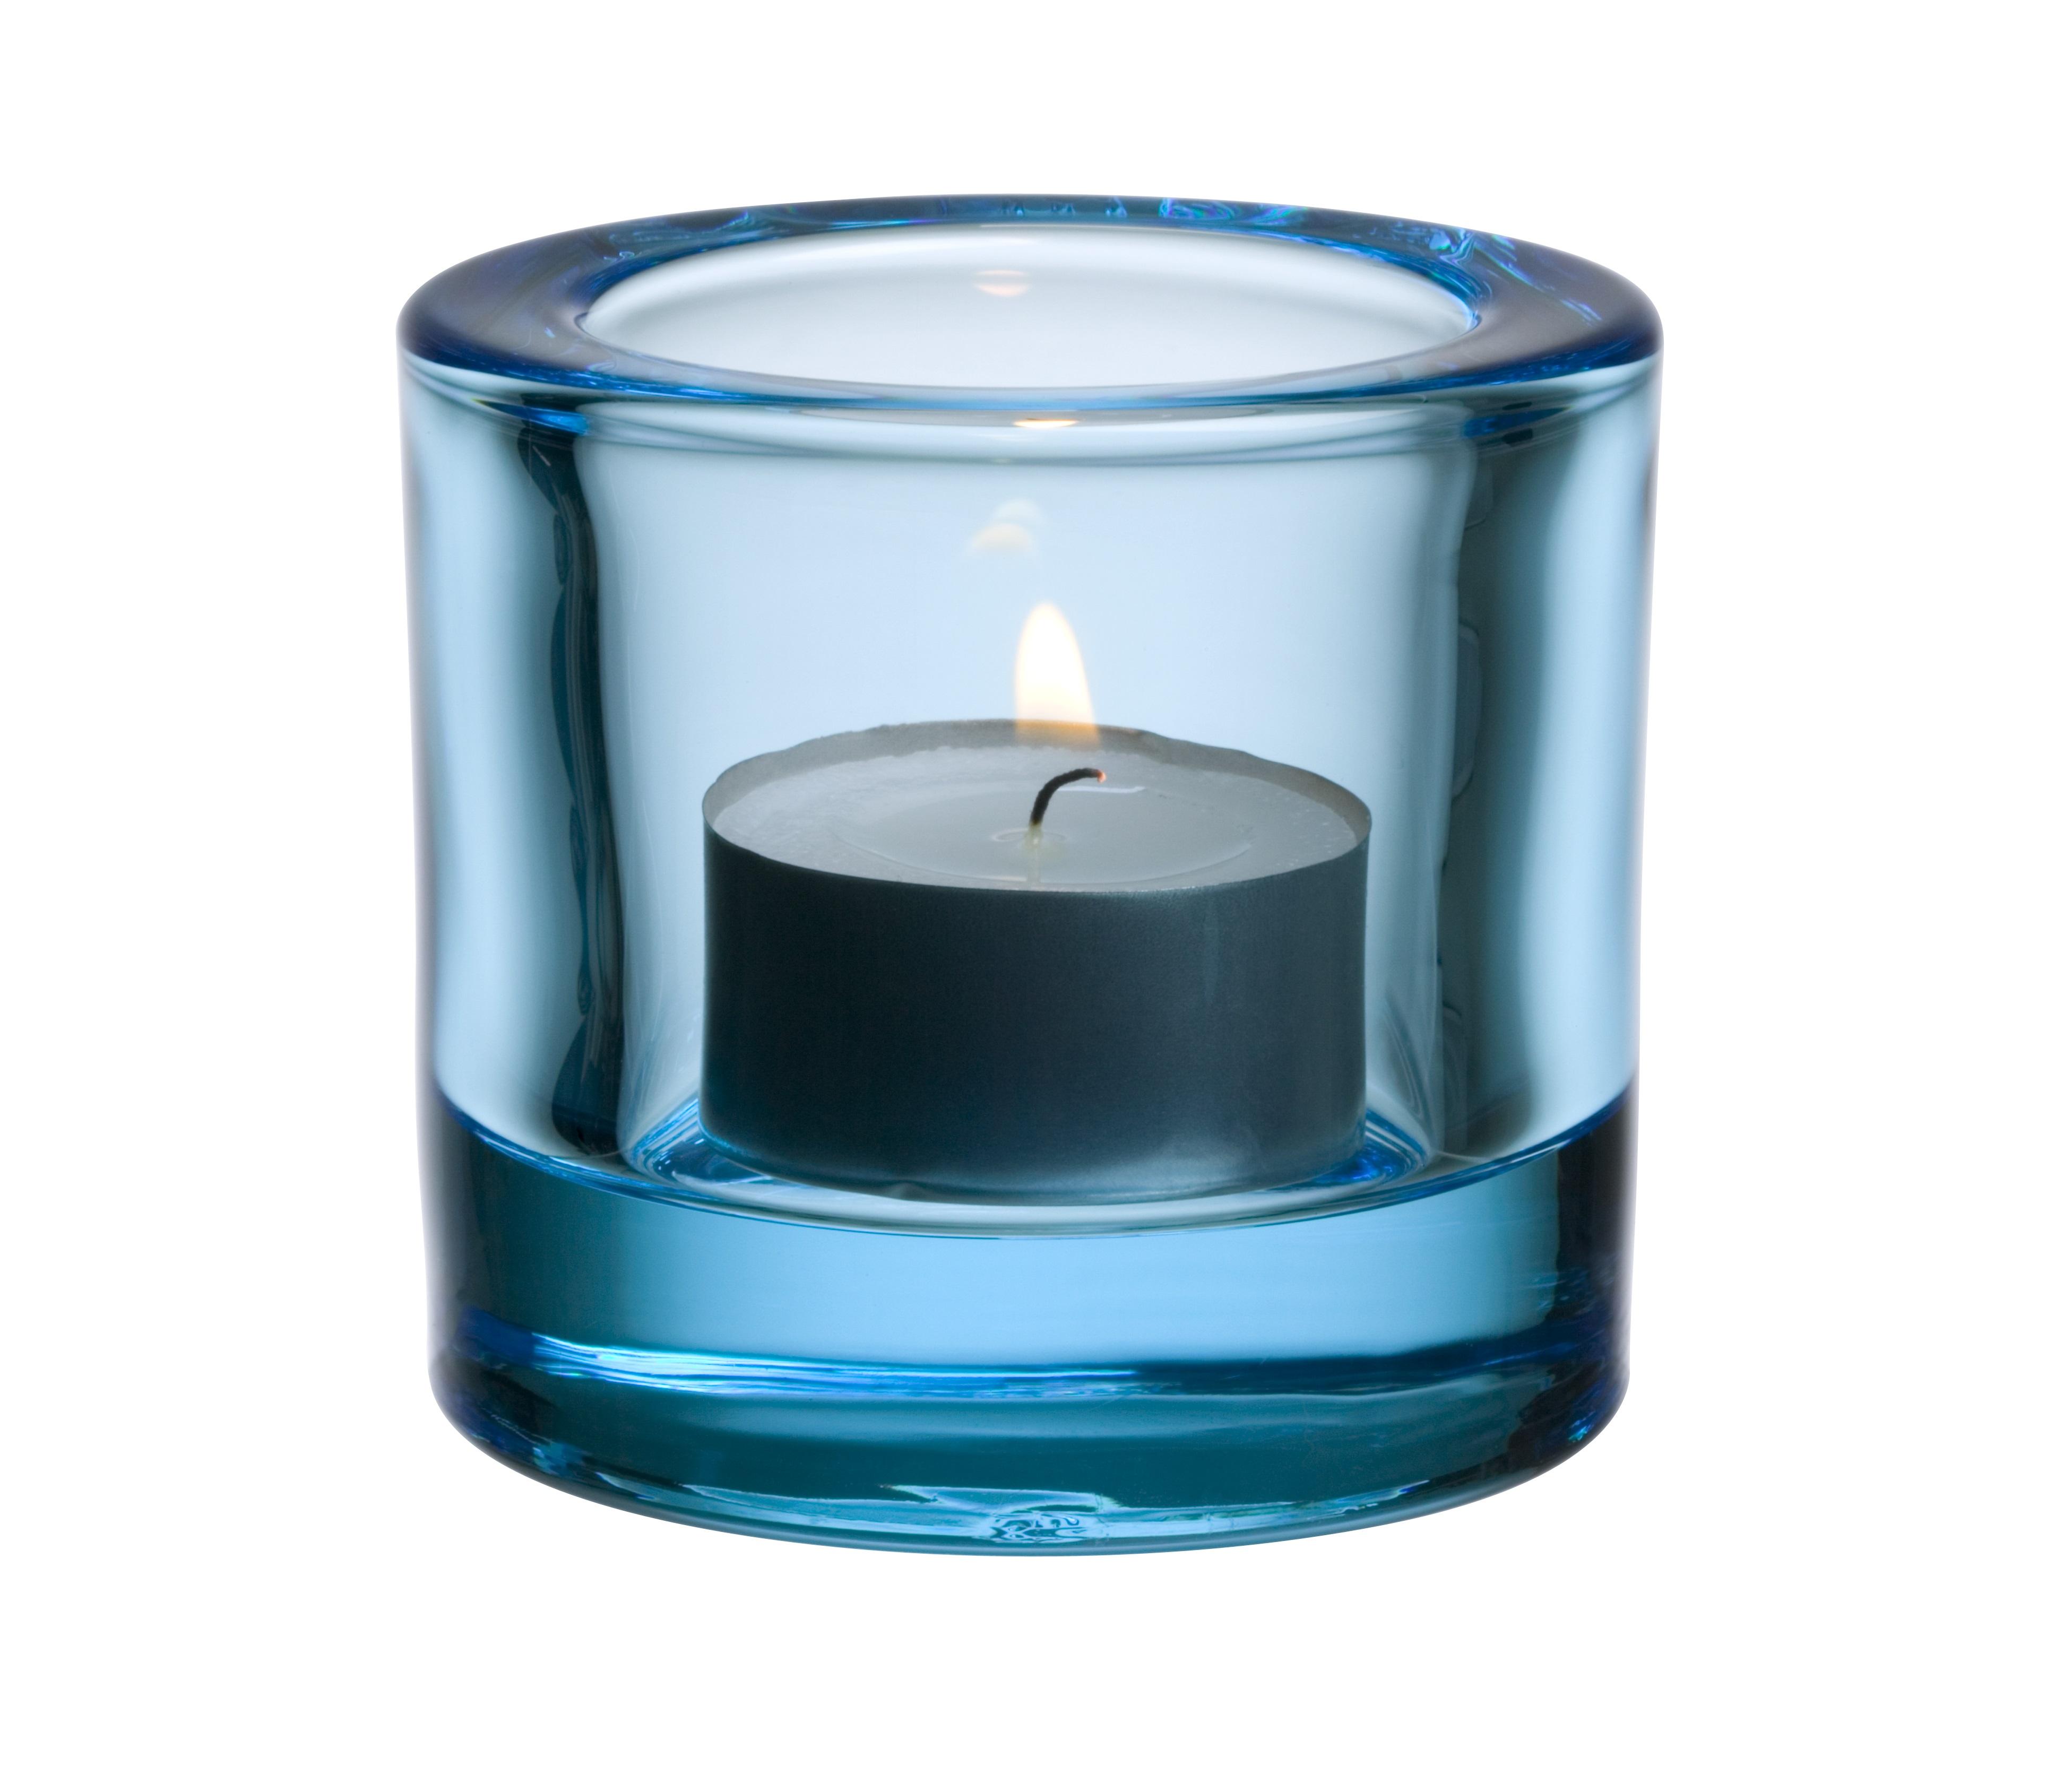 Подсвечник KiviПодсвечники<br>Для создания этих драгоценных хранителей света требуется отличное знание о стекле. Цвет и толщина стекла обогащает и рассеивает свет свечи. Широкая цветовая гамма позволяет создать коктейль из различных цветов, создавая нужное настроение.<br><br>Material: Стекло<br>Length см: None<br>Width см: None<br>Depth см: None<br>Height см: 6<br>Diameter см: 7